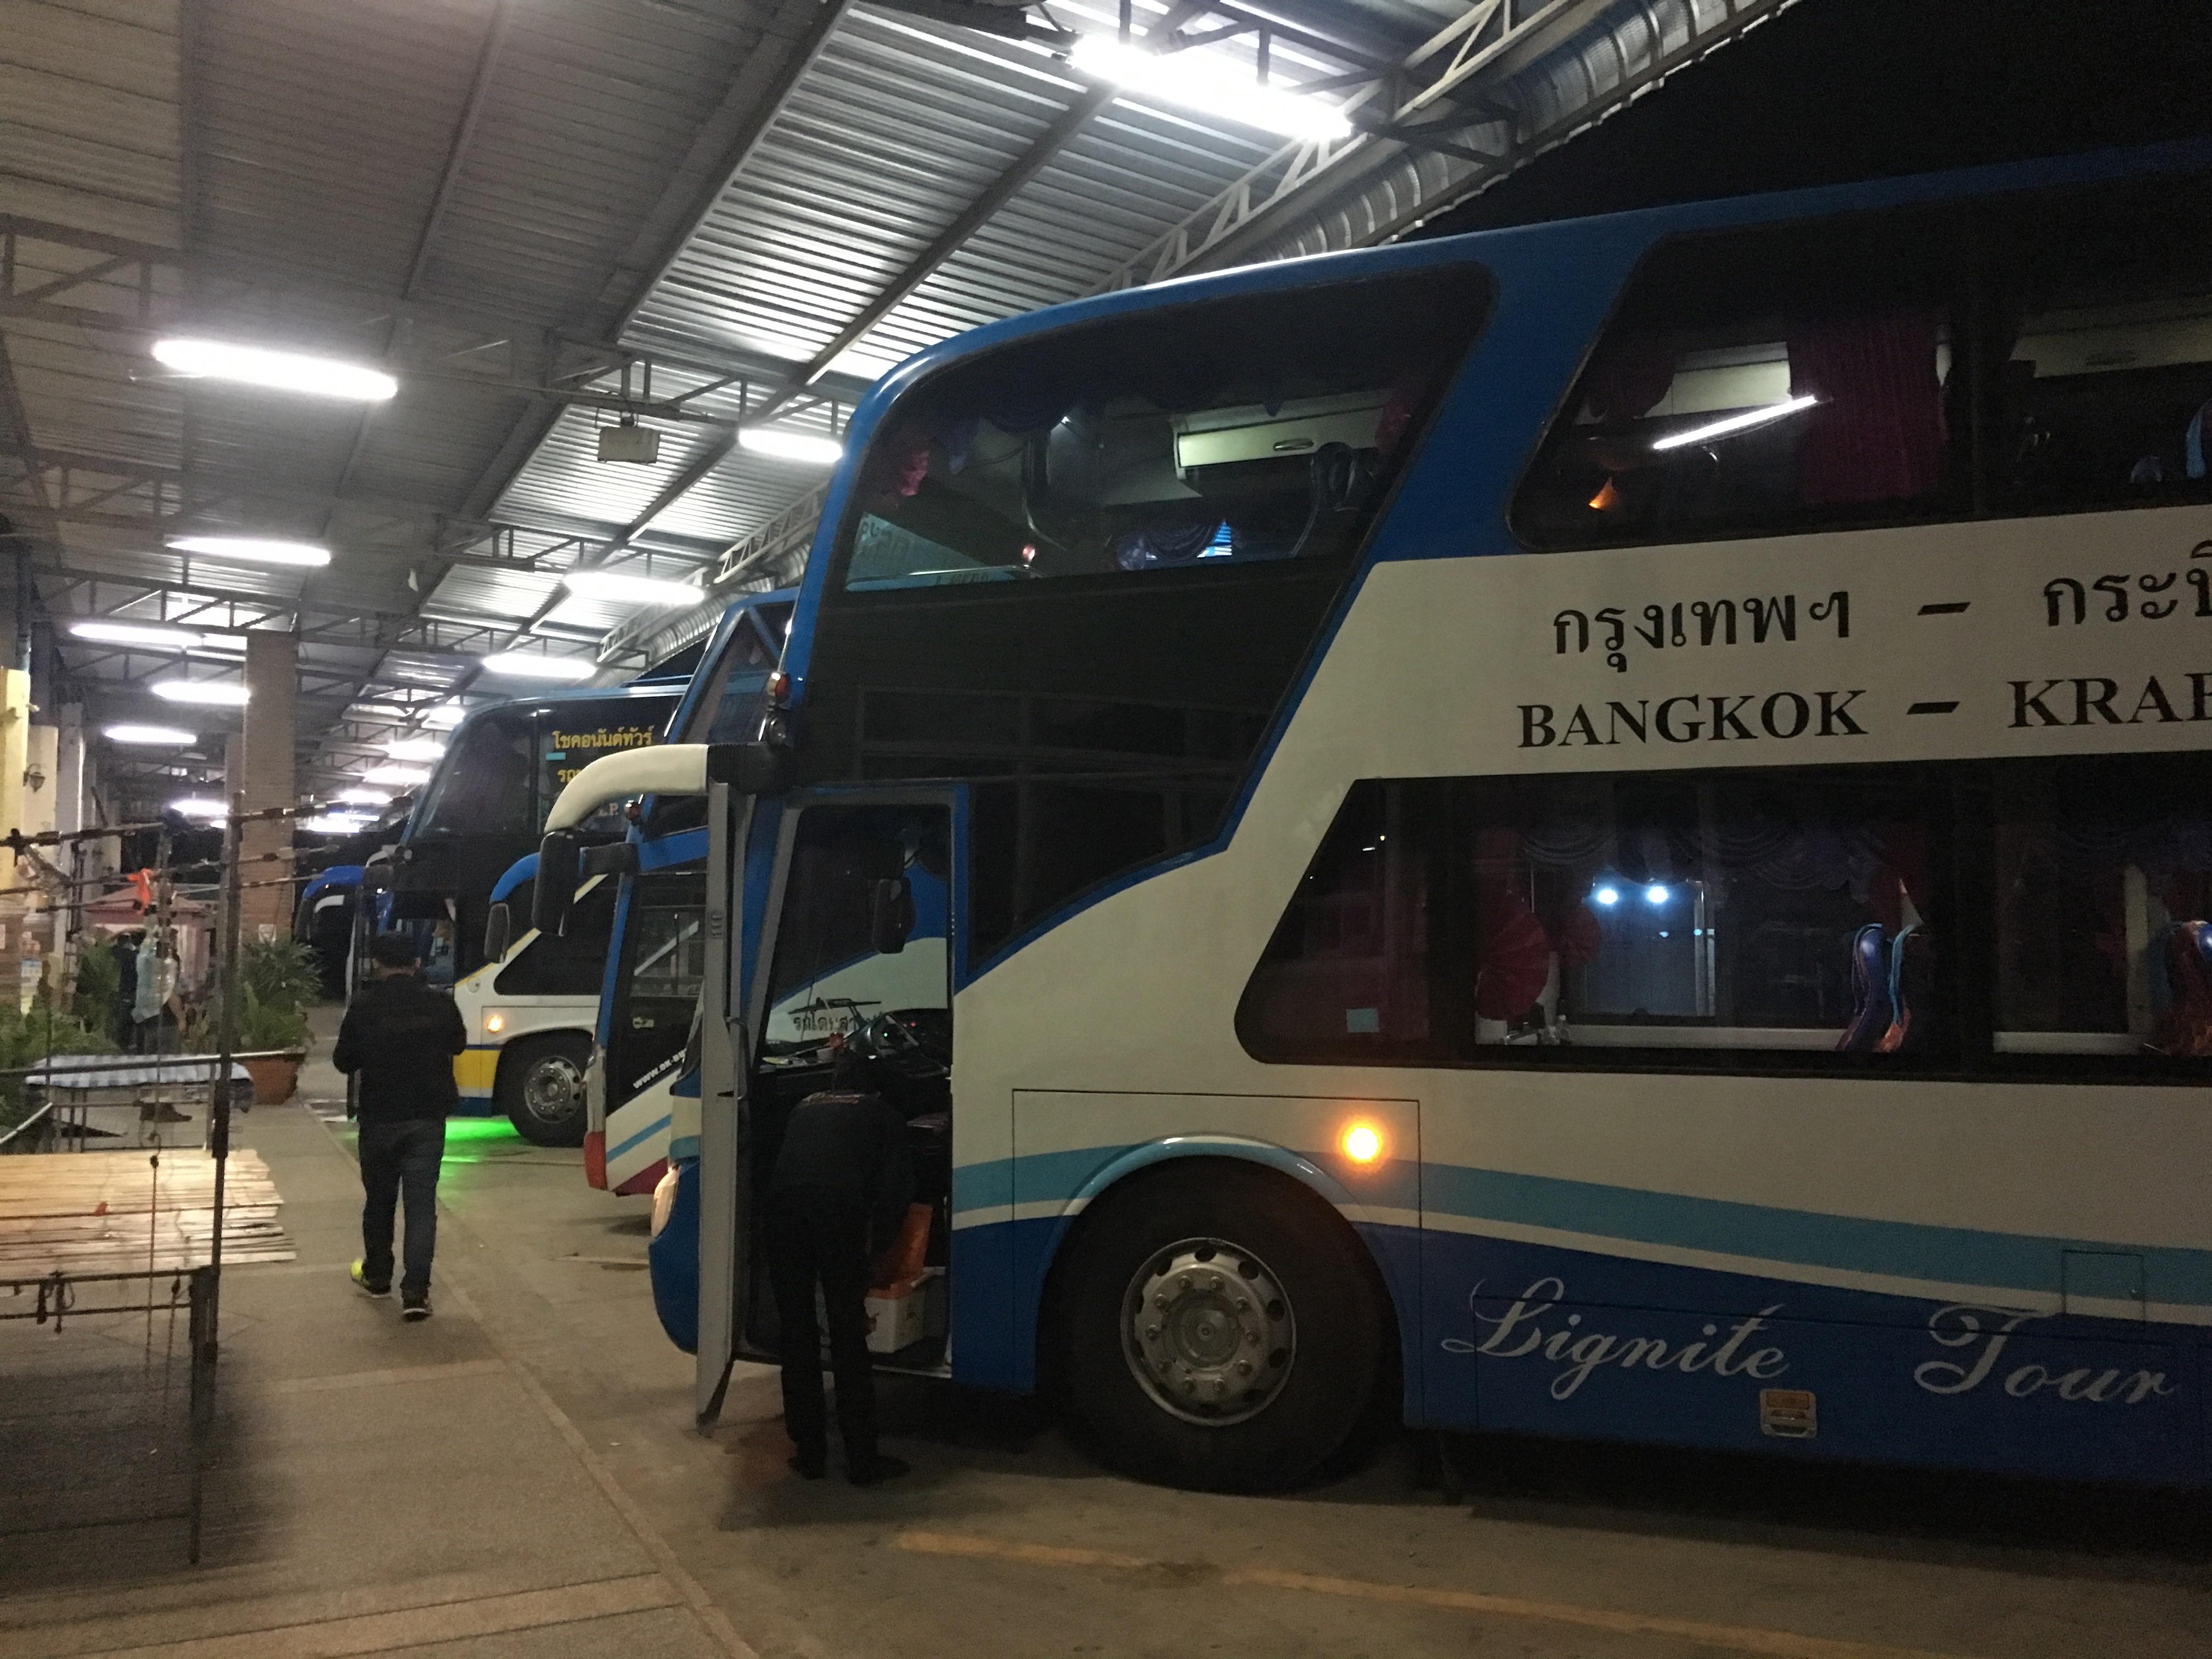 バンコクからプーケットをバスで移動する場合の方法と費用や注意点